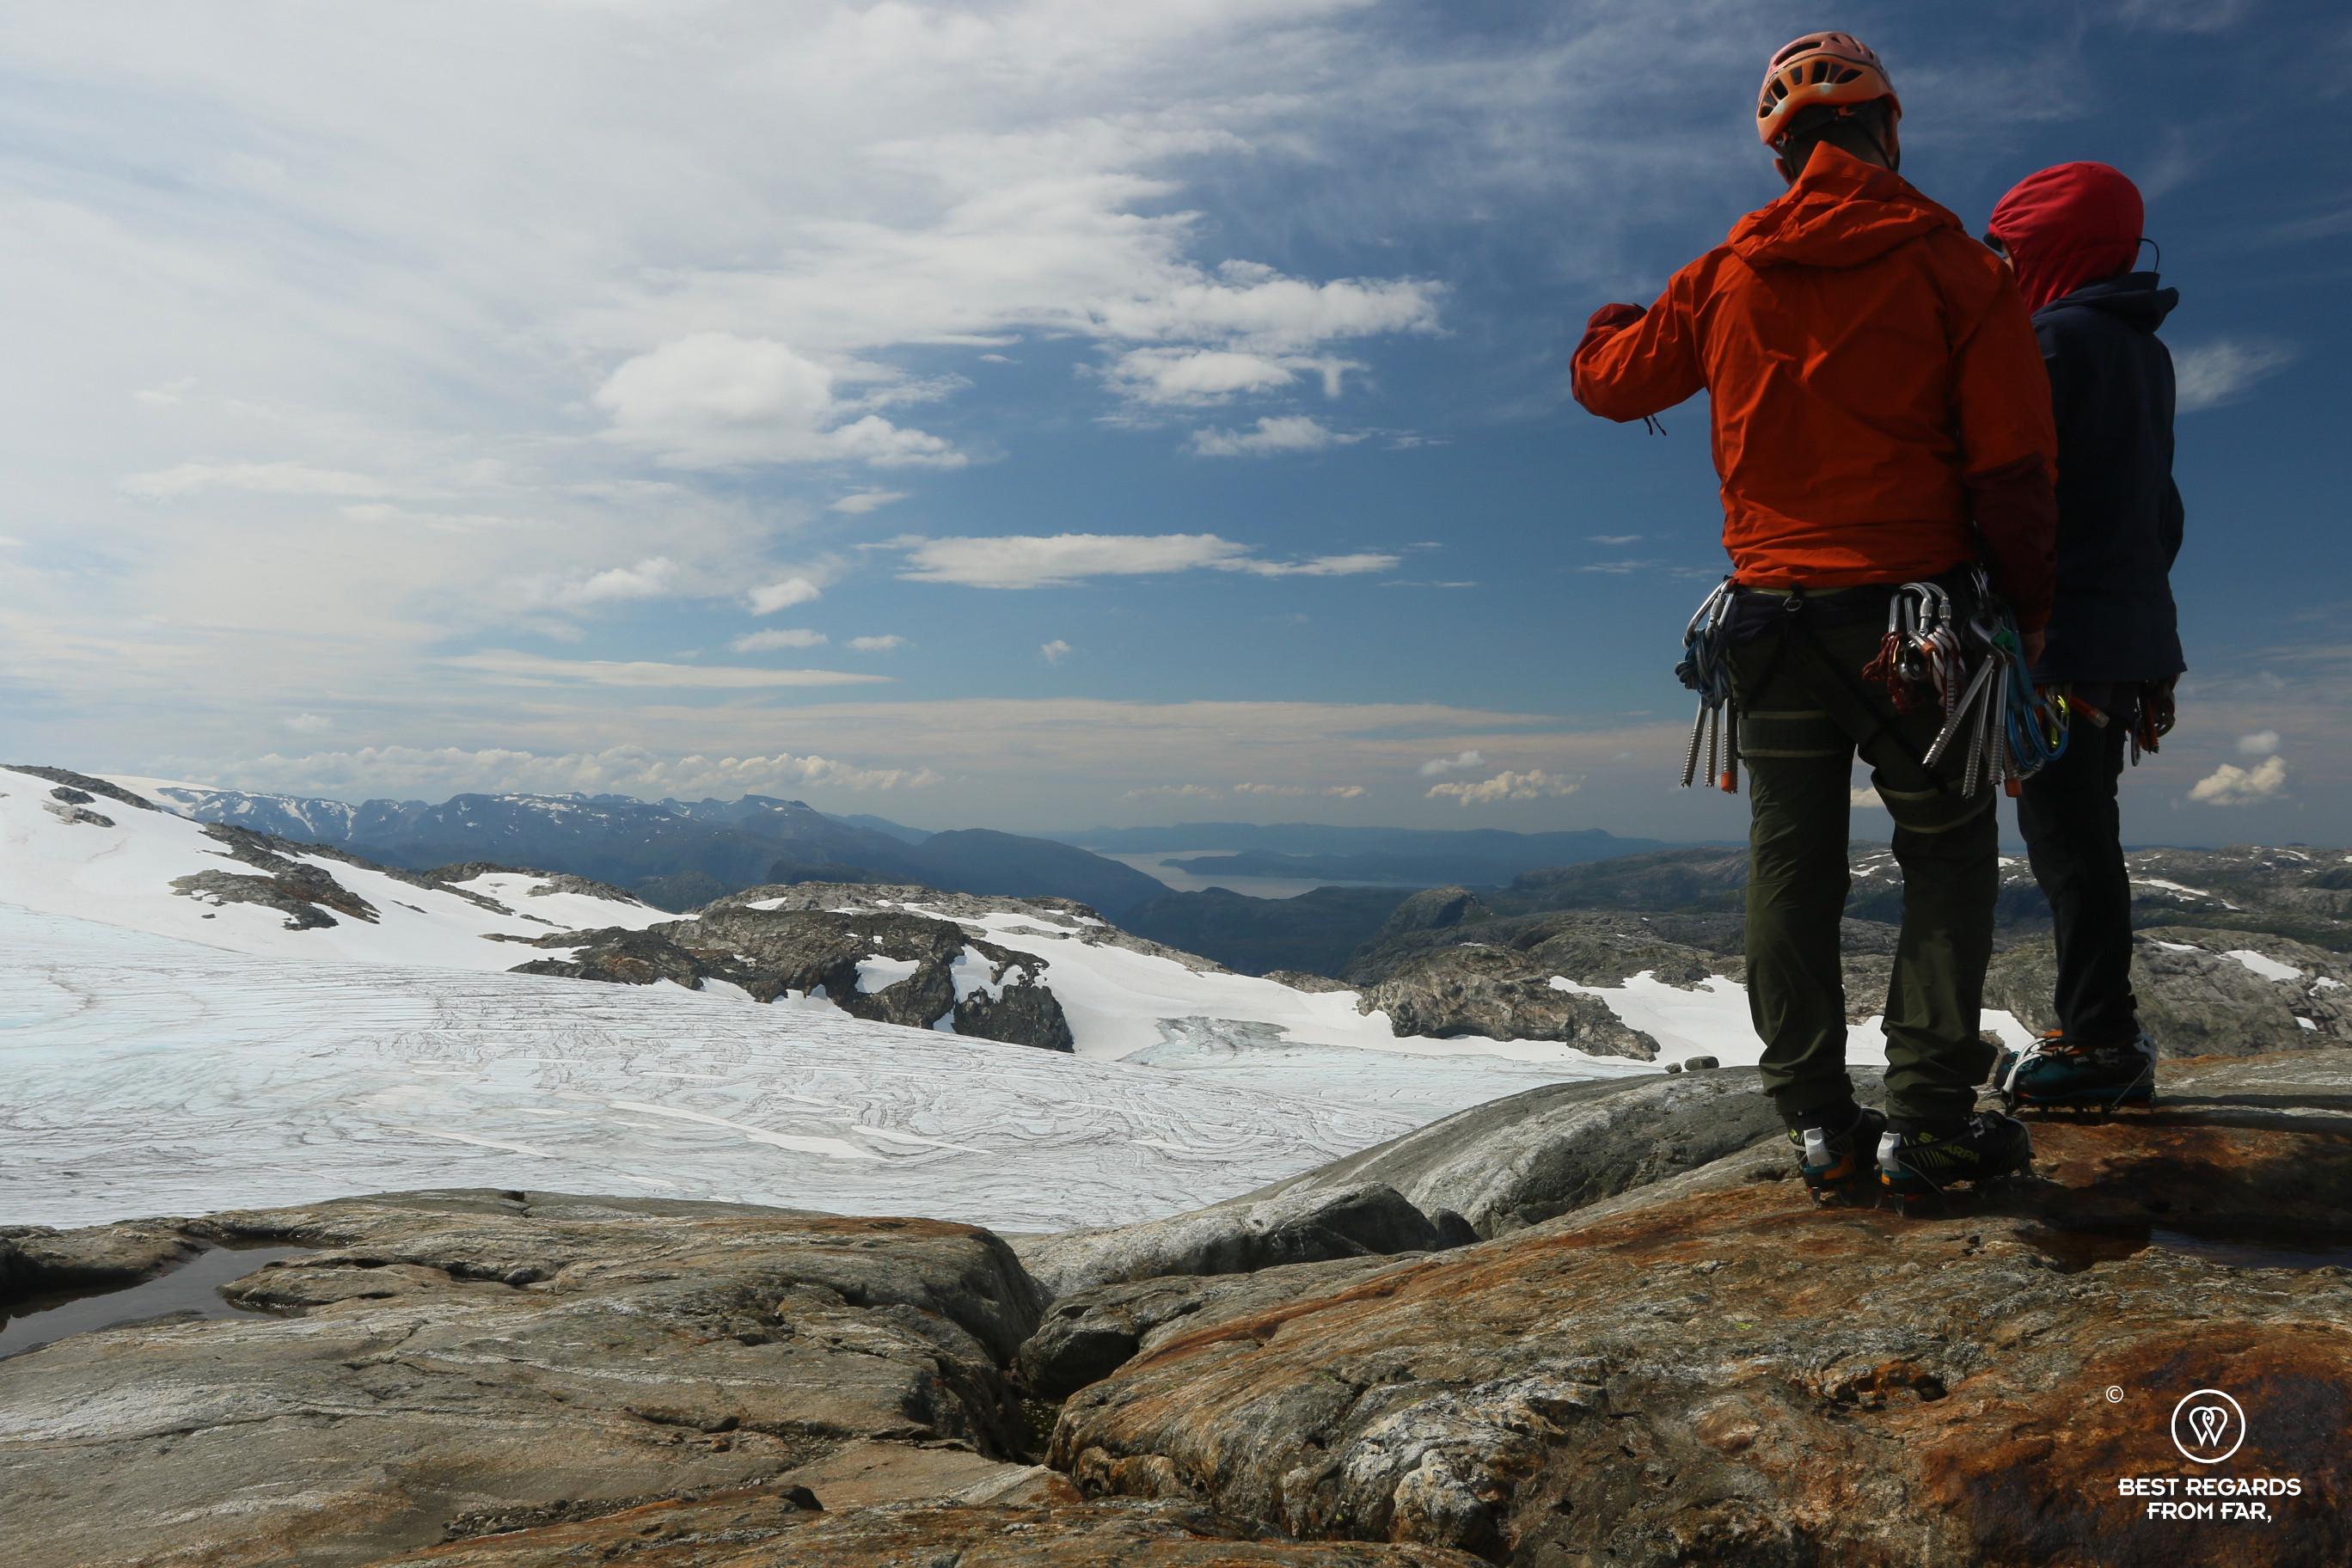 Guide Thorbjørn Helgesen assessing the route on the Fonna Glacier